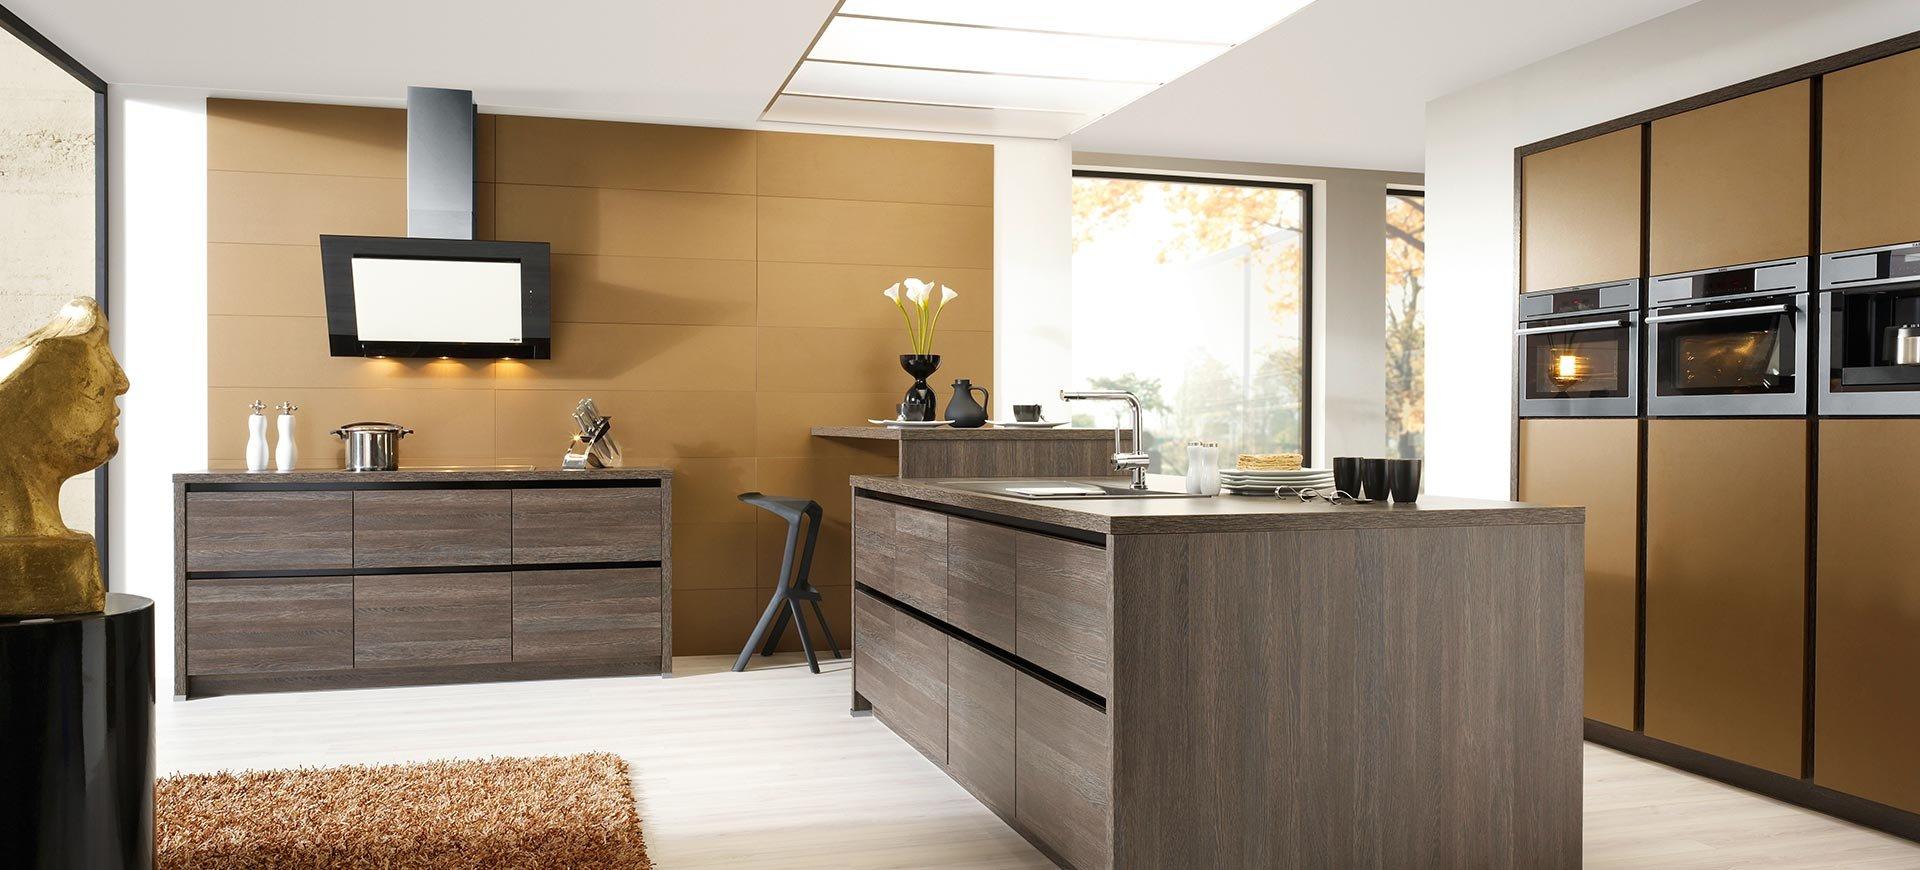 87 German Kitchen Interior Design Sea Kitchens P2